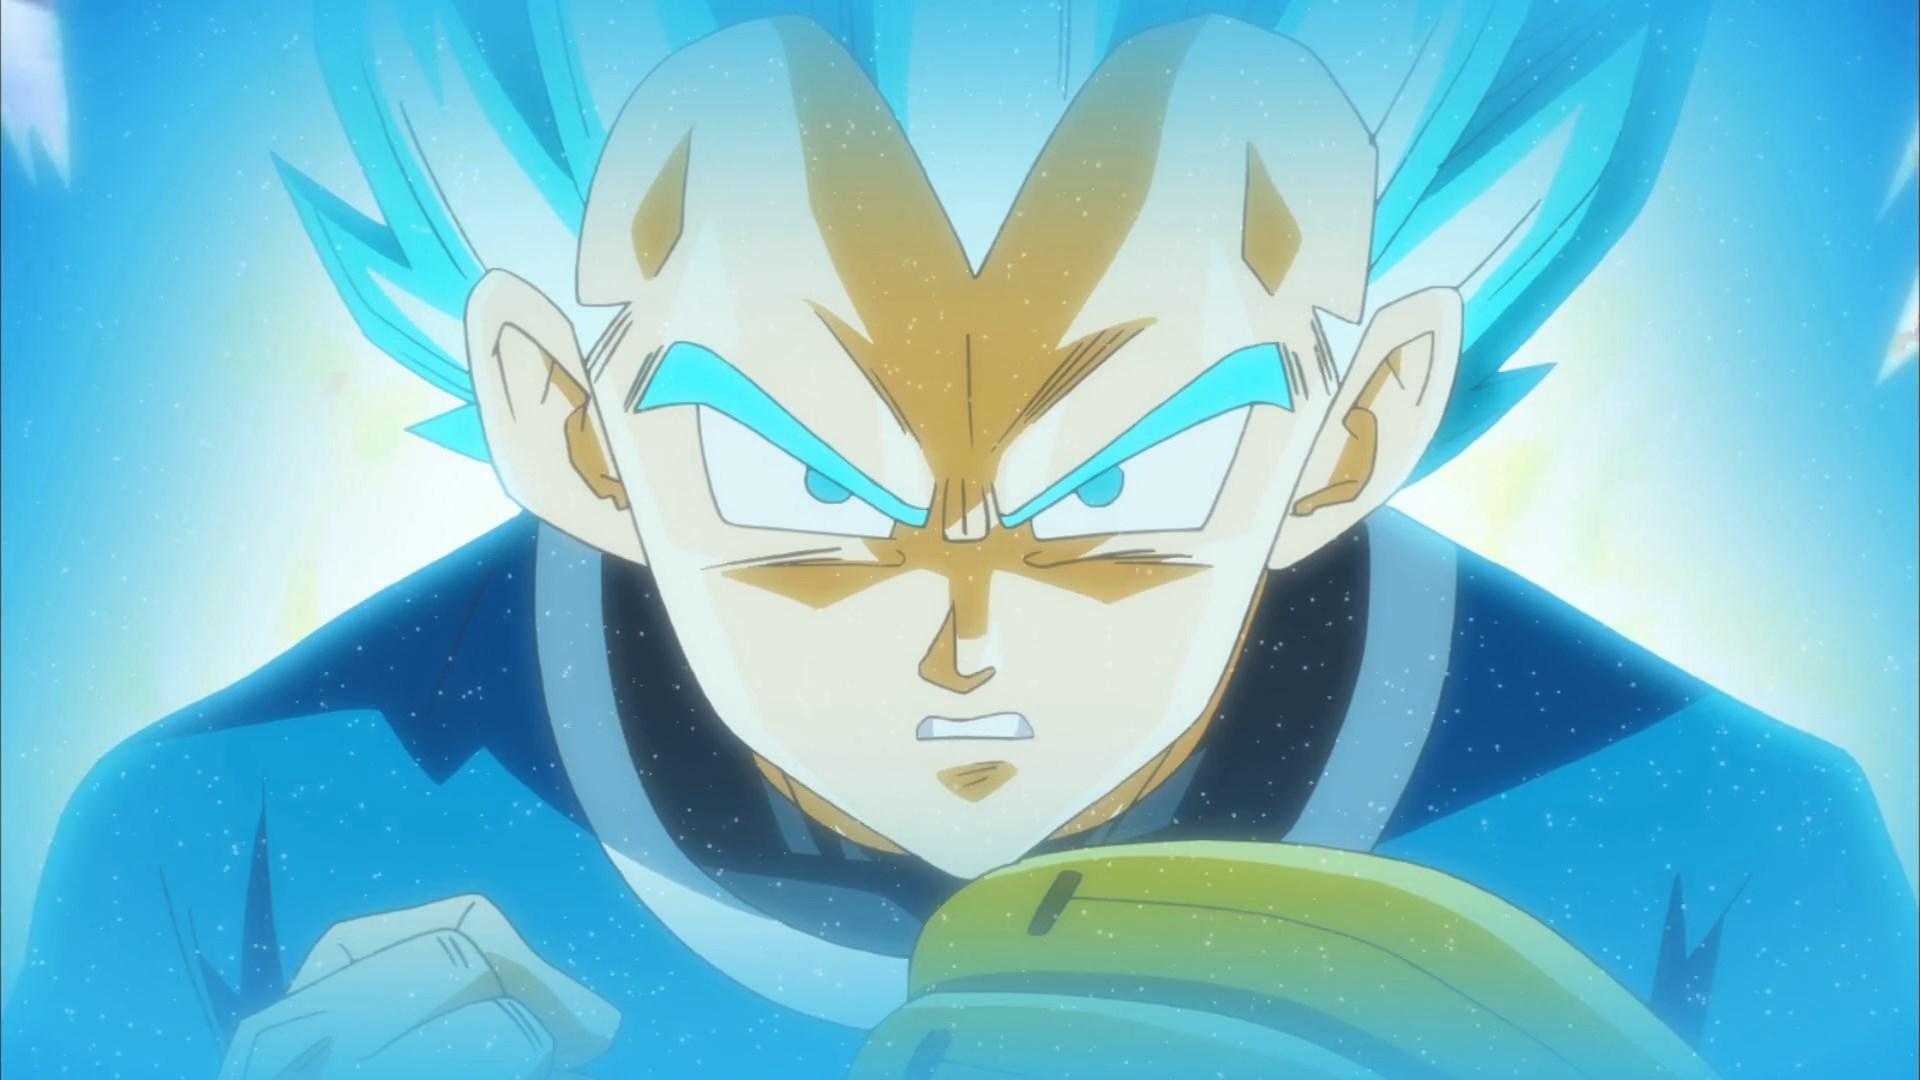 [DS] Dragon Ball Super 070 [1080p].mkv_snapshot_15.45_[2016.12.11_03.52.02]